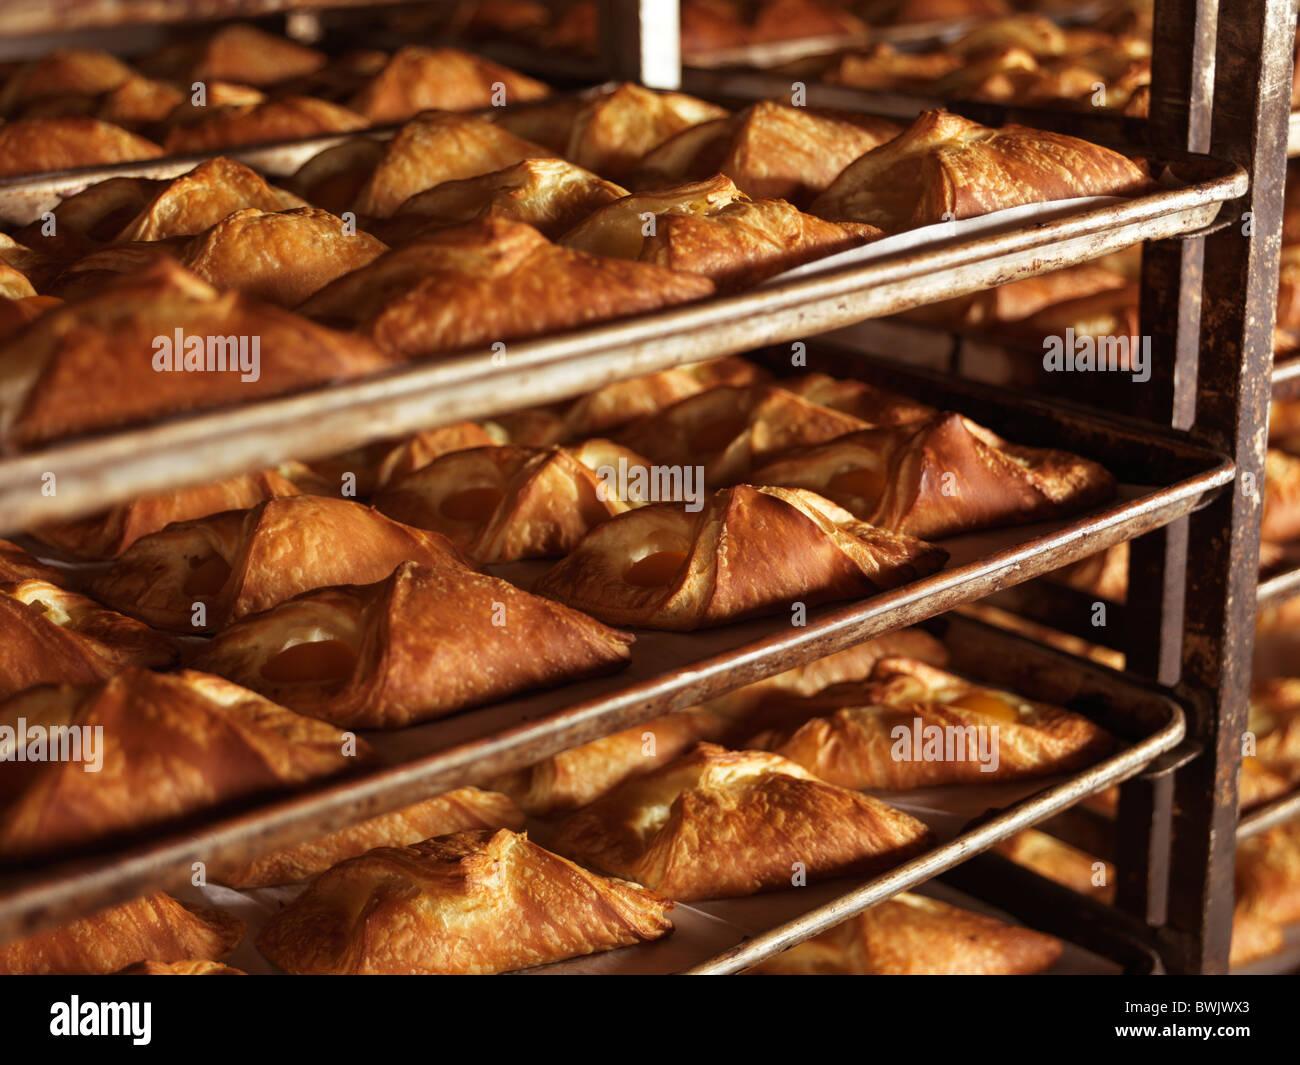 Des pâtisseries fraîchement sur plaques de cuisson boulangerie chariots en rack Photo Stock